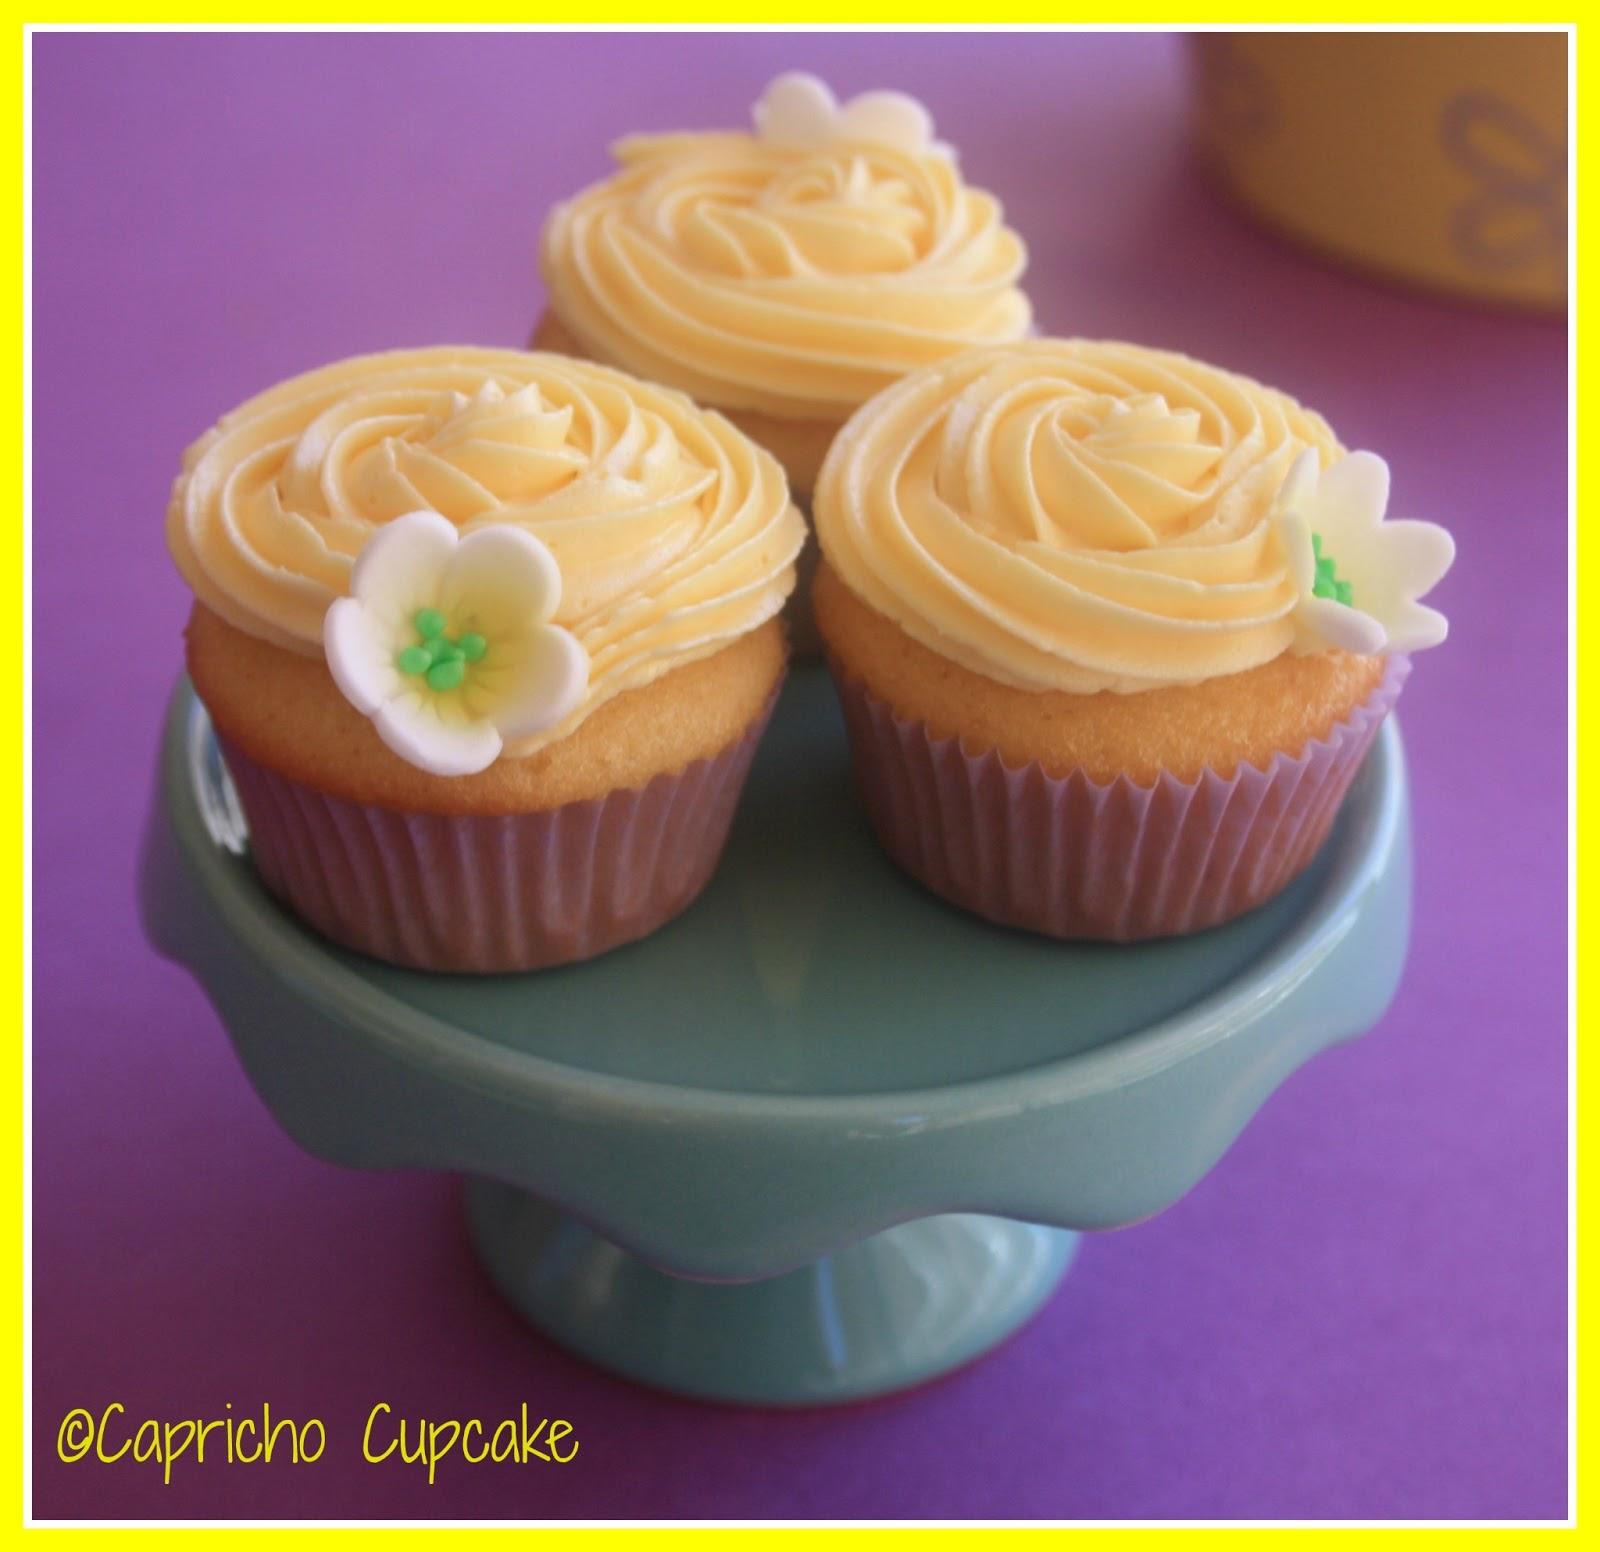 capricho cupcakes alicante cupcake limoncello